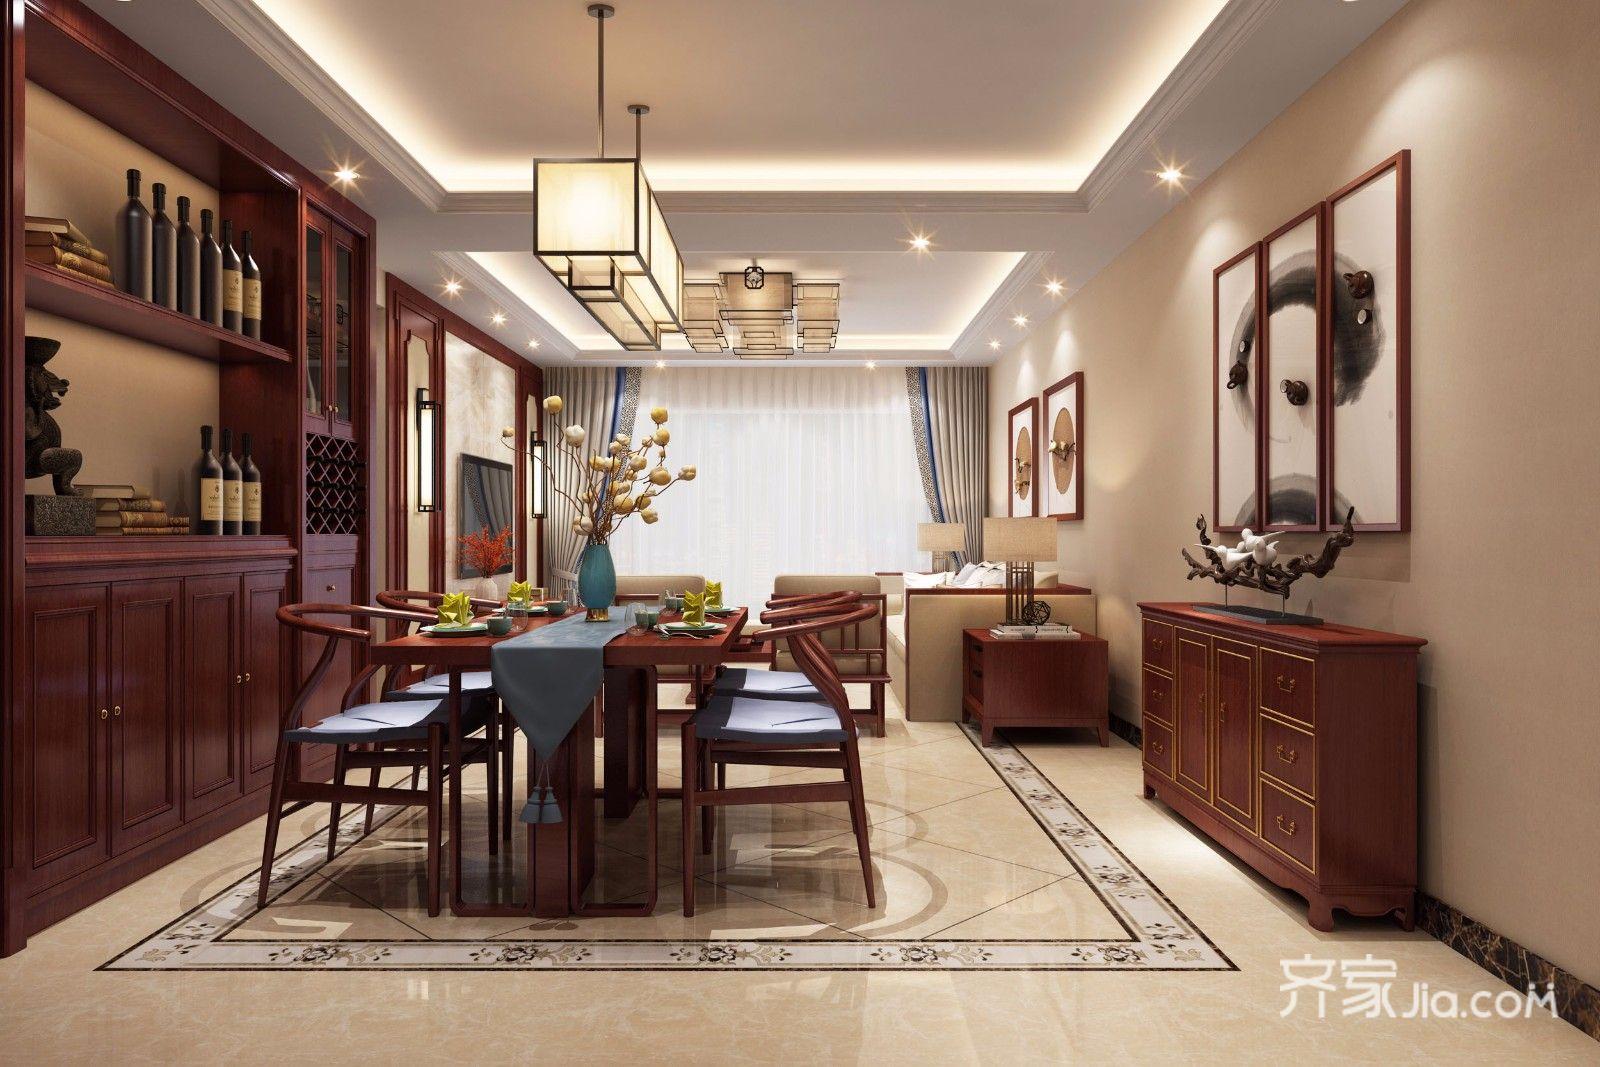 客厅--新中式风格,地面采用了波导线跟斜铺的设计地面造型更加美观.图片